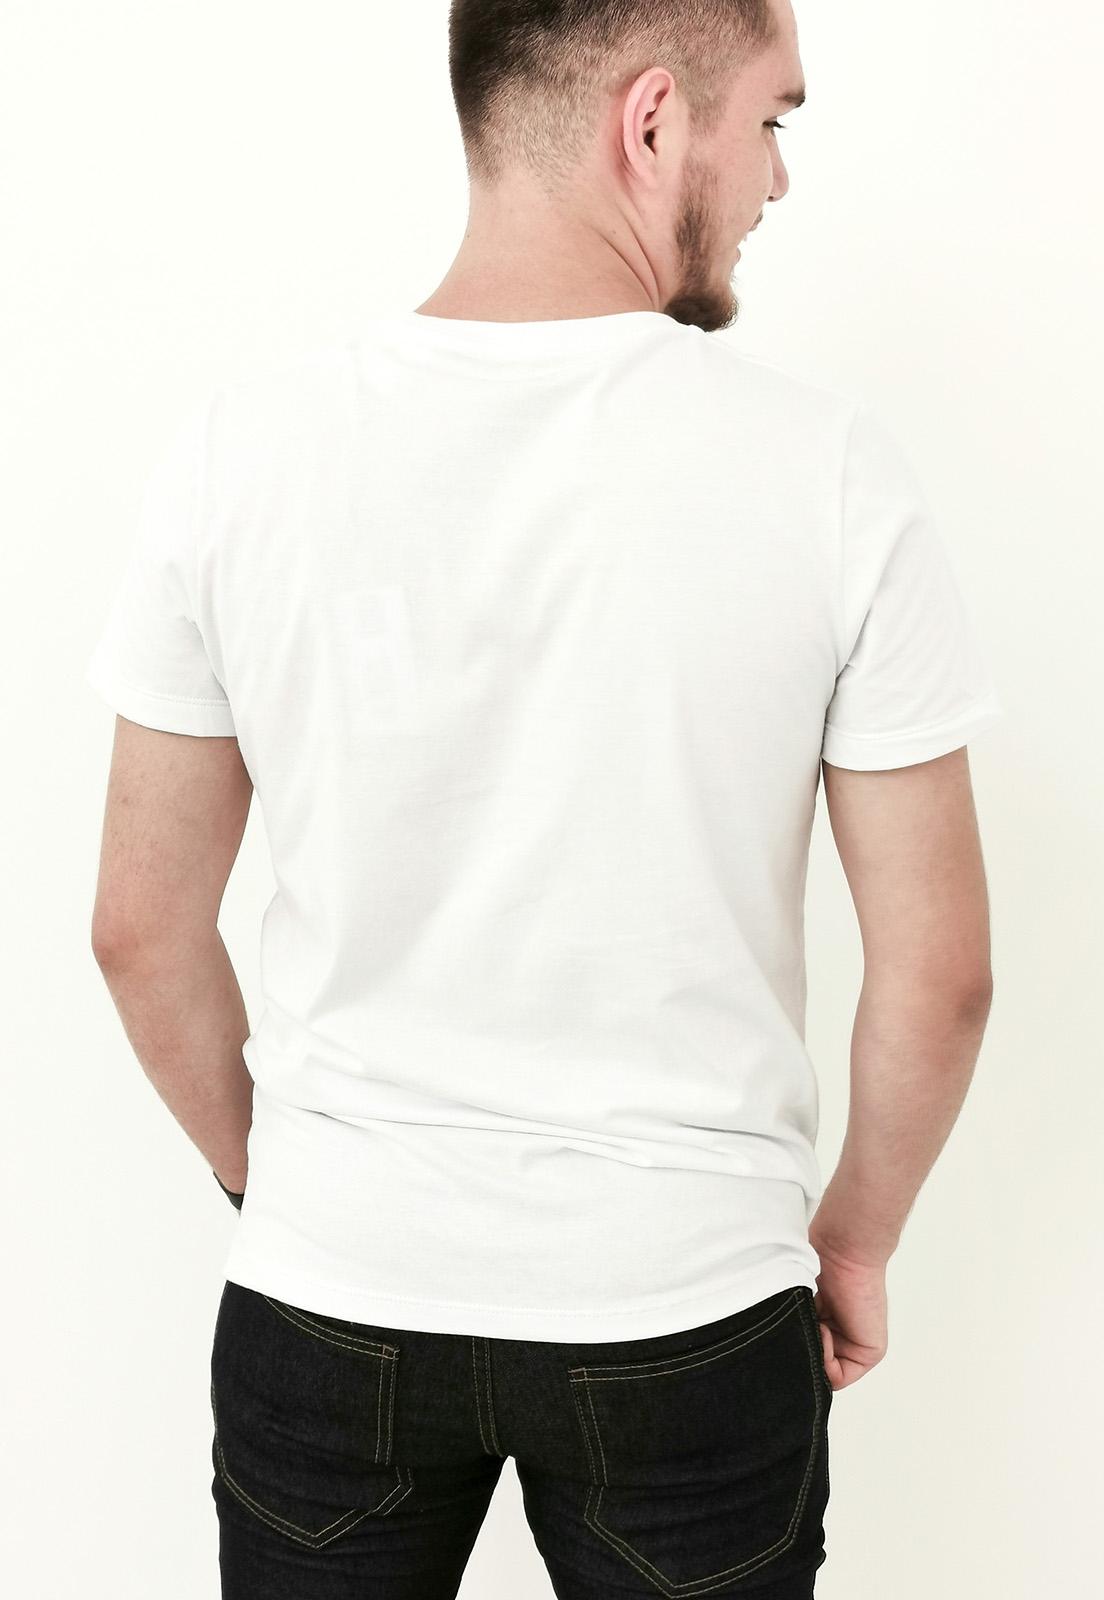 Camiseta Colcci Básica Branco com Bordado